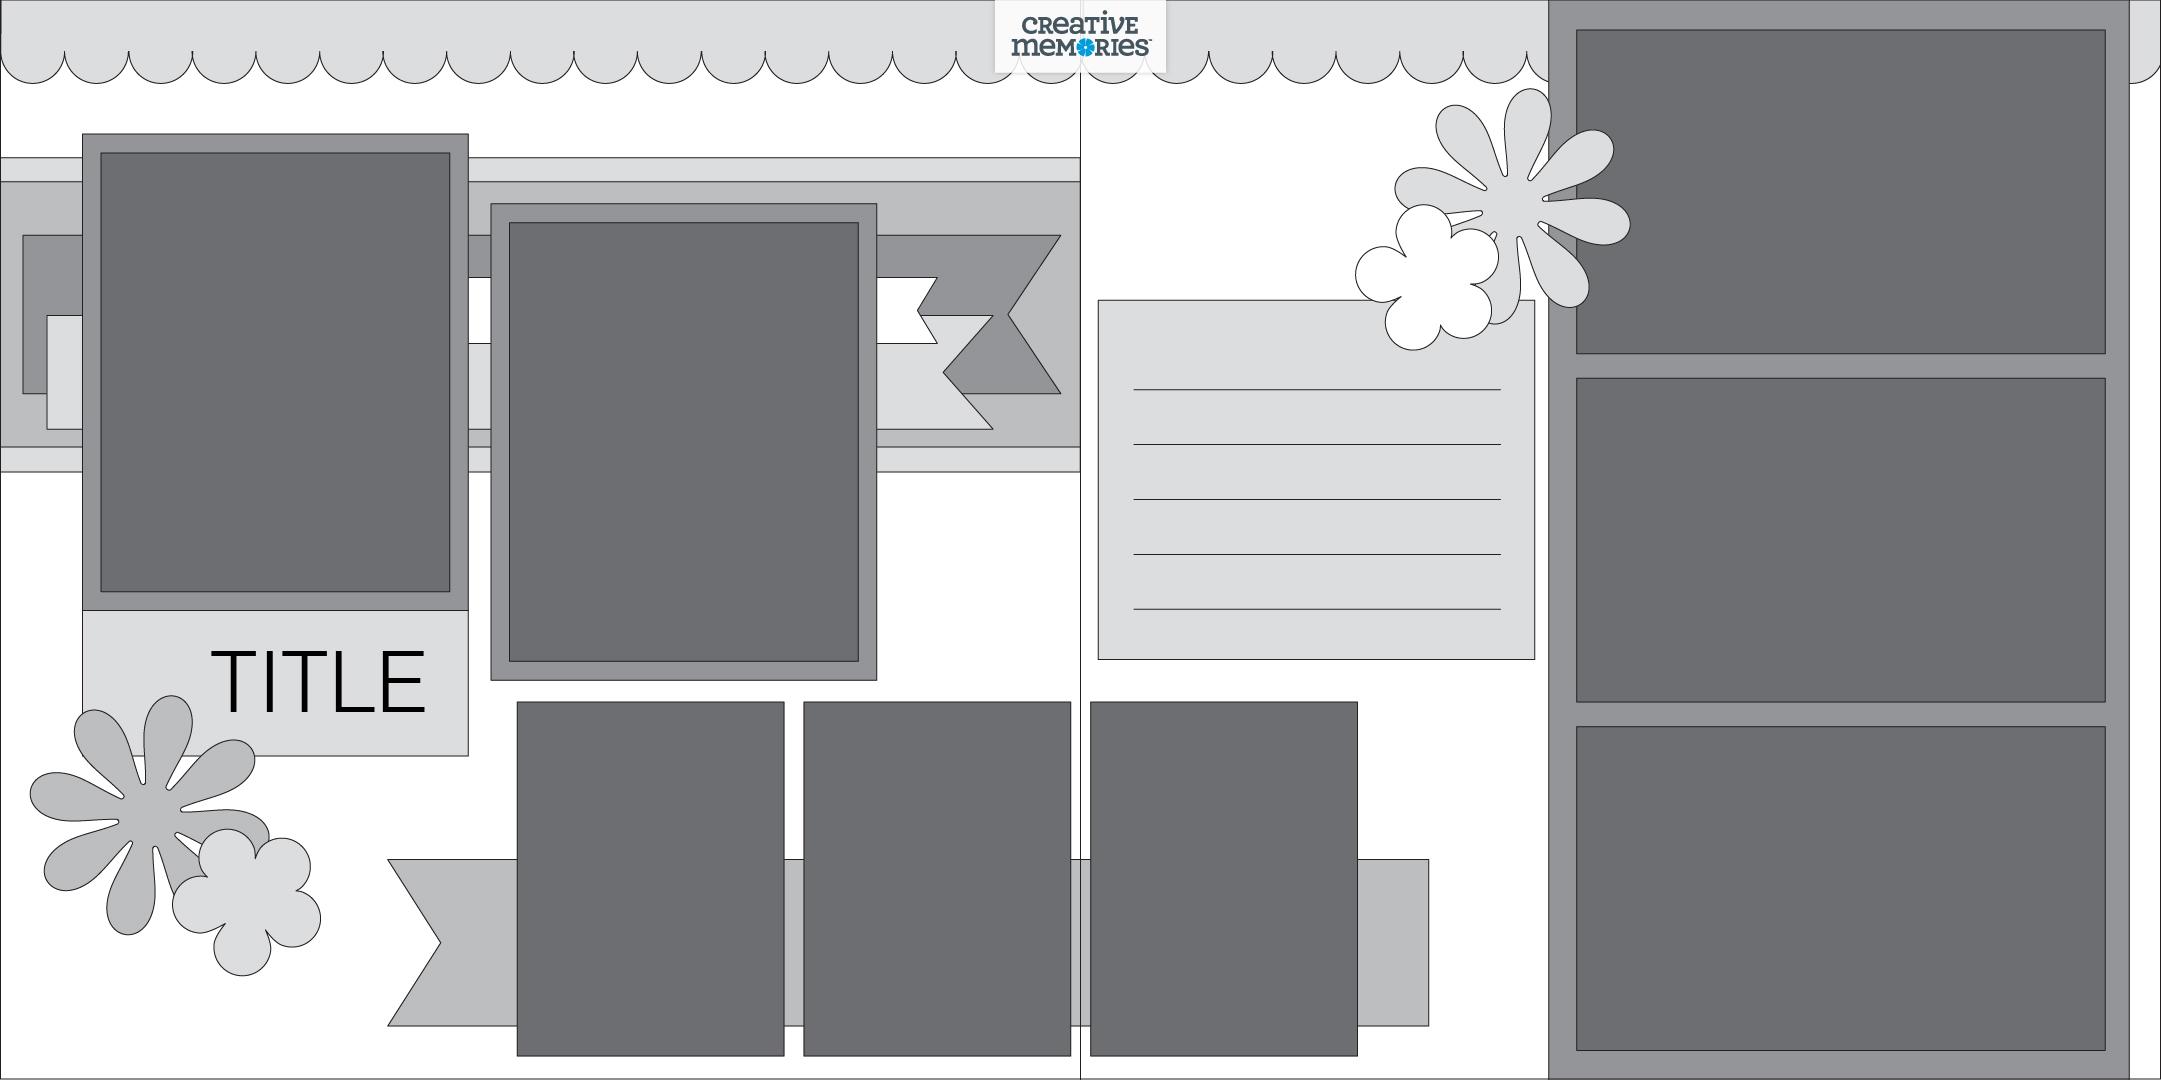 Creative-Memories-October-Virtual-Crop-Sketch-Layout6